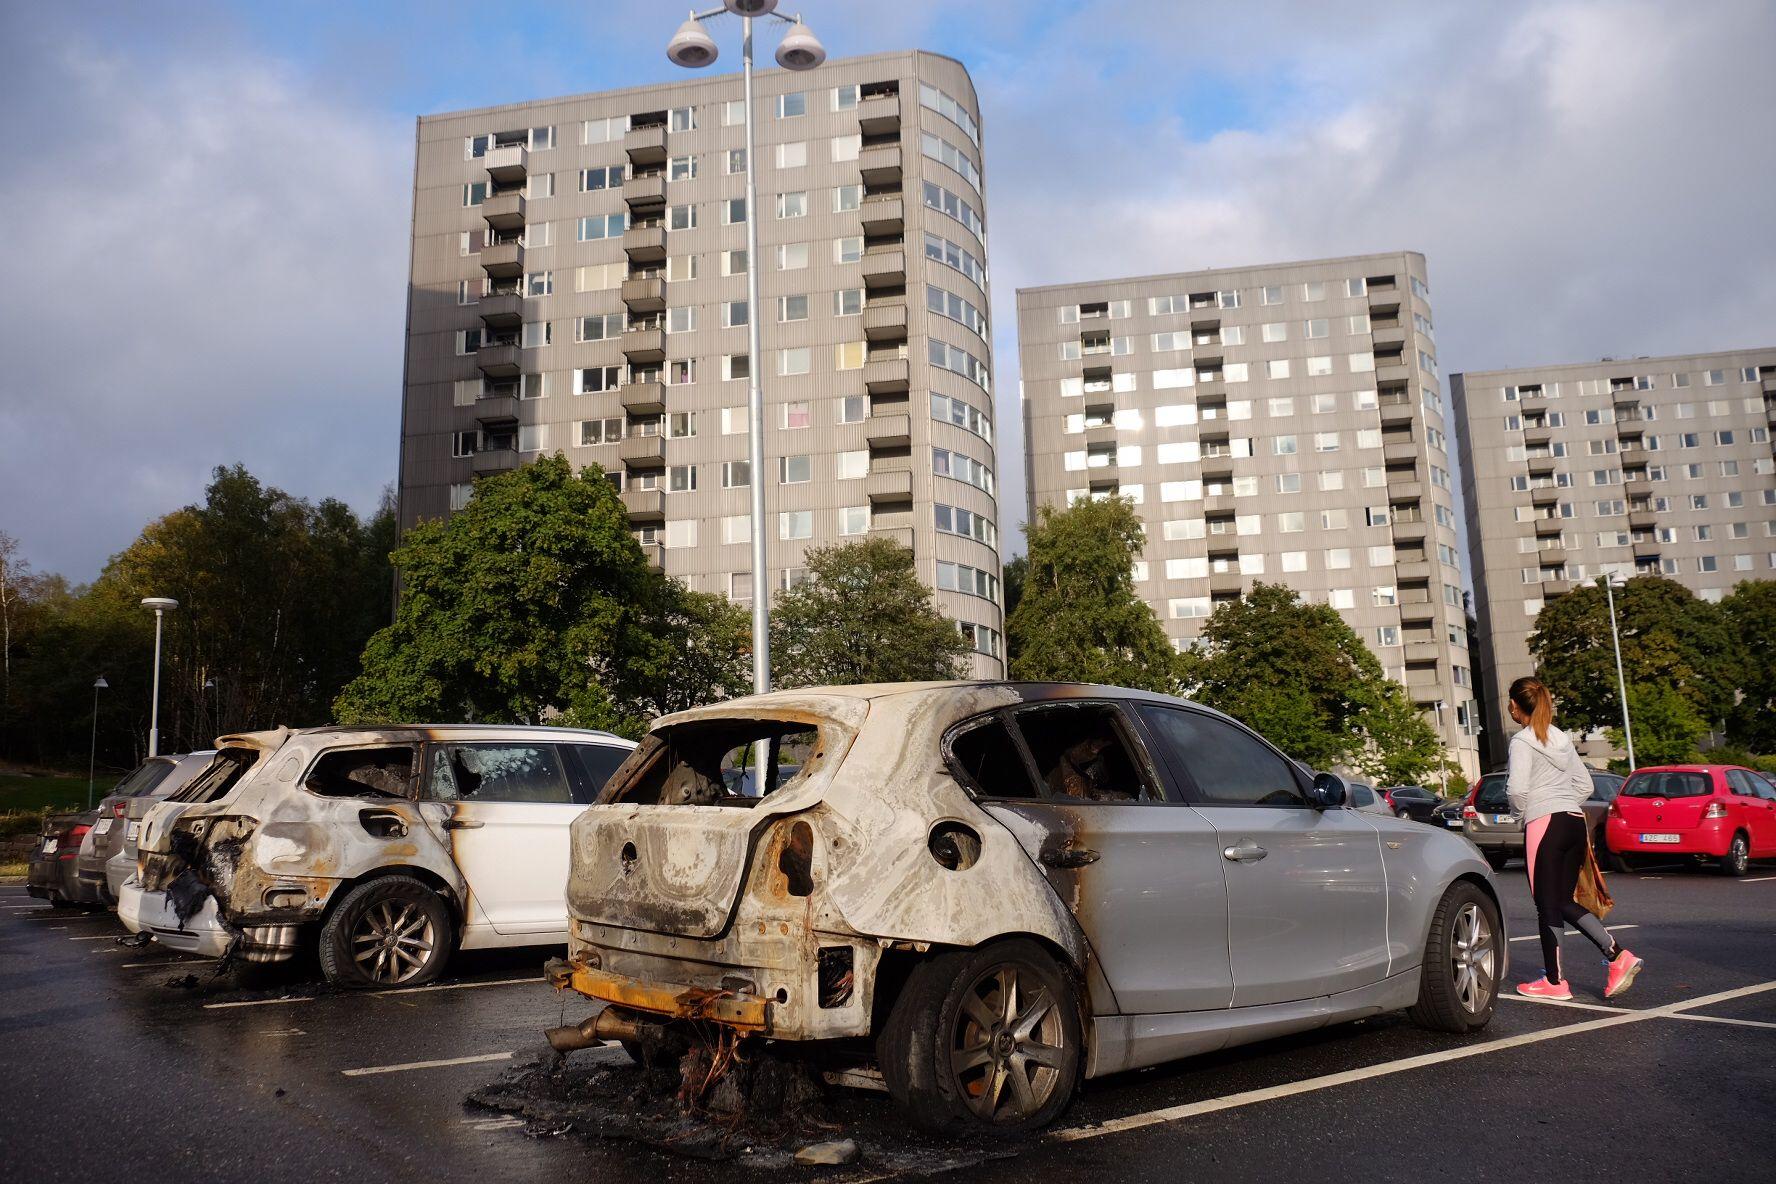 UTBRENT: Utbrente skjeletter av biler står igjen på flere parkeringsplasser i Gøteborg-området. Politiet ble også kastet stein på ved flere steder da de ankom åstedene.